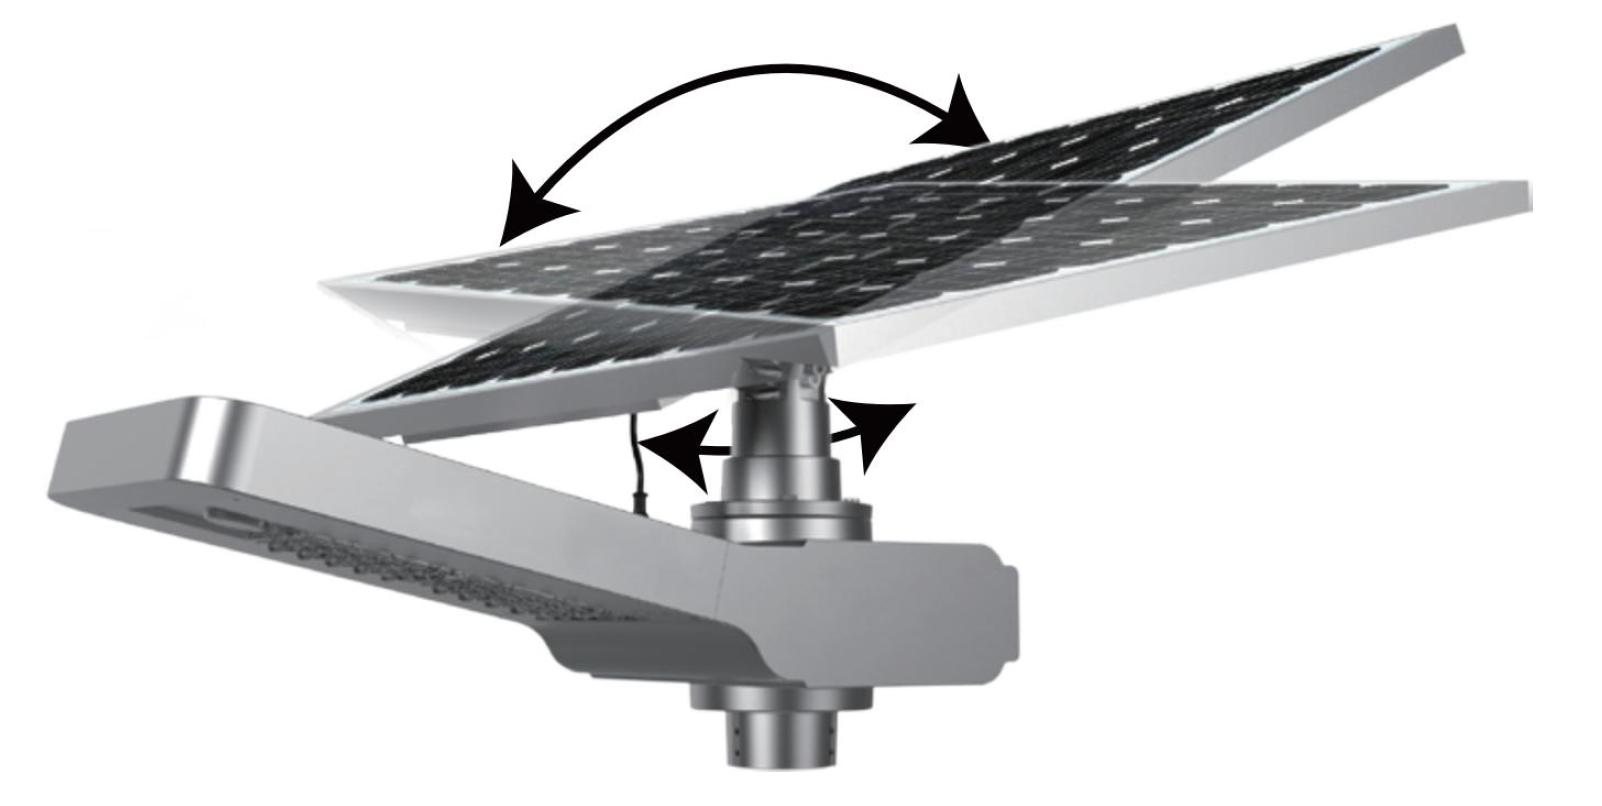 lampadaire avec panneau solaire inclinable et rotatif